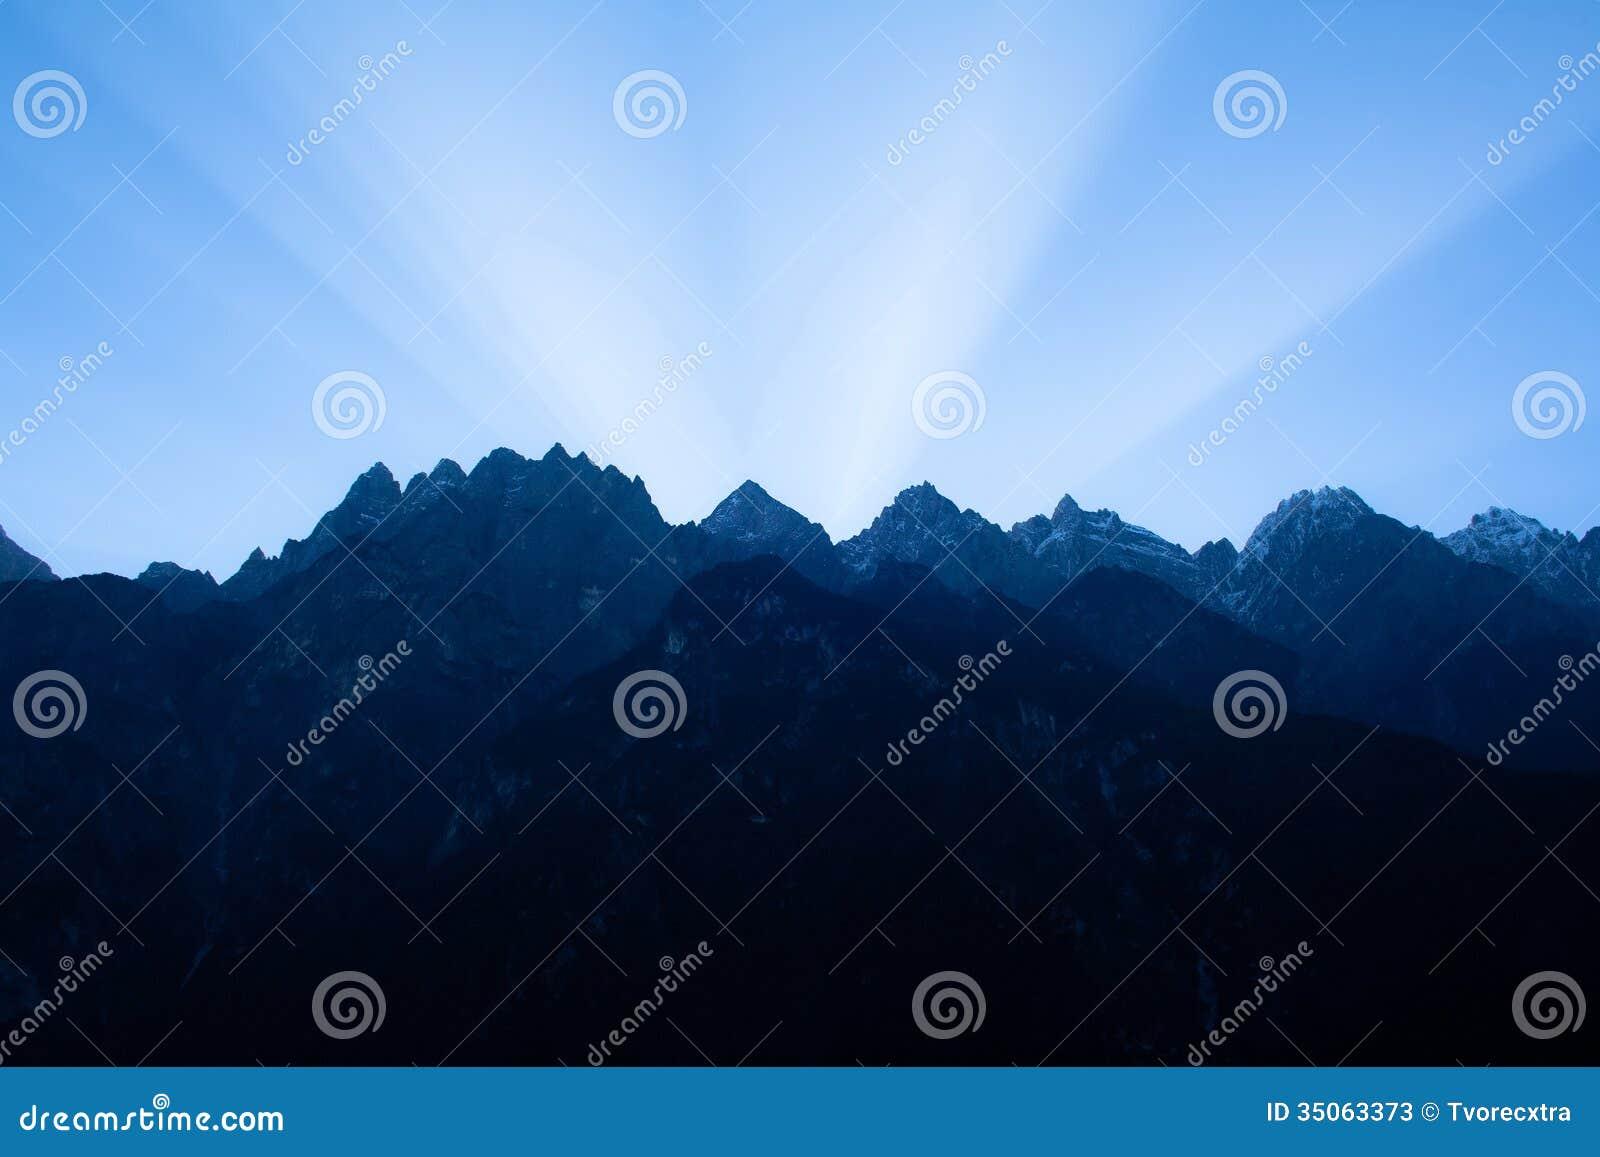 Soluppgång i tigern som hoppar klyftan. Tibet. Kina.